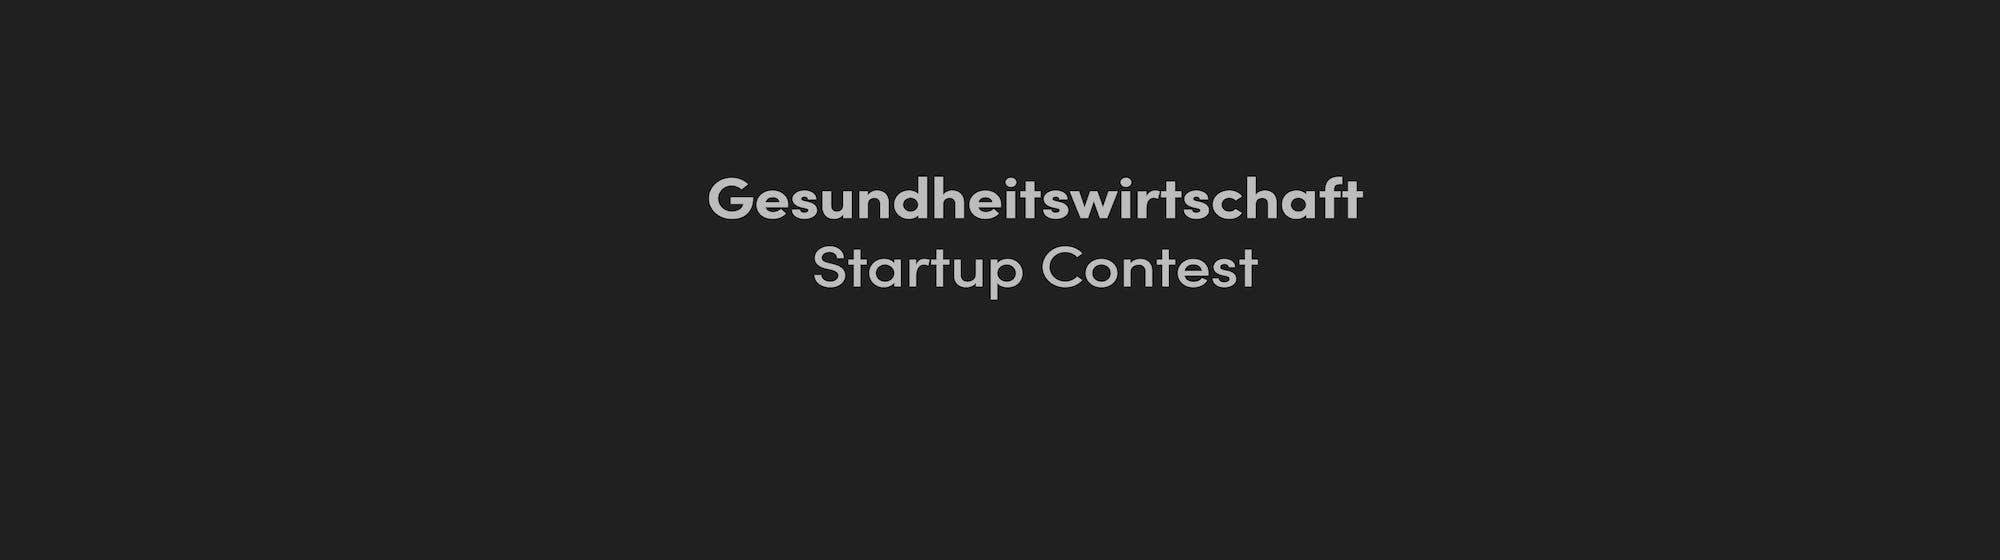 craftsoles Startup Contest Gesundheitswirtschaft Hamburg